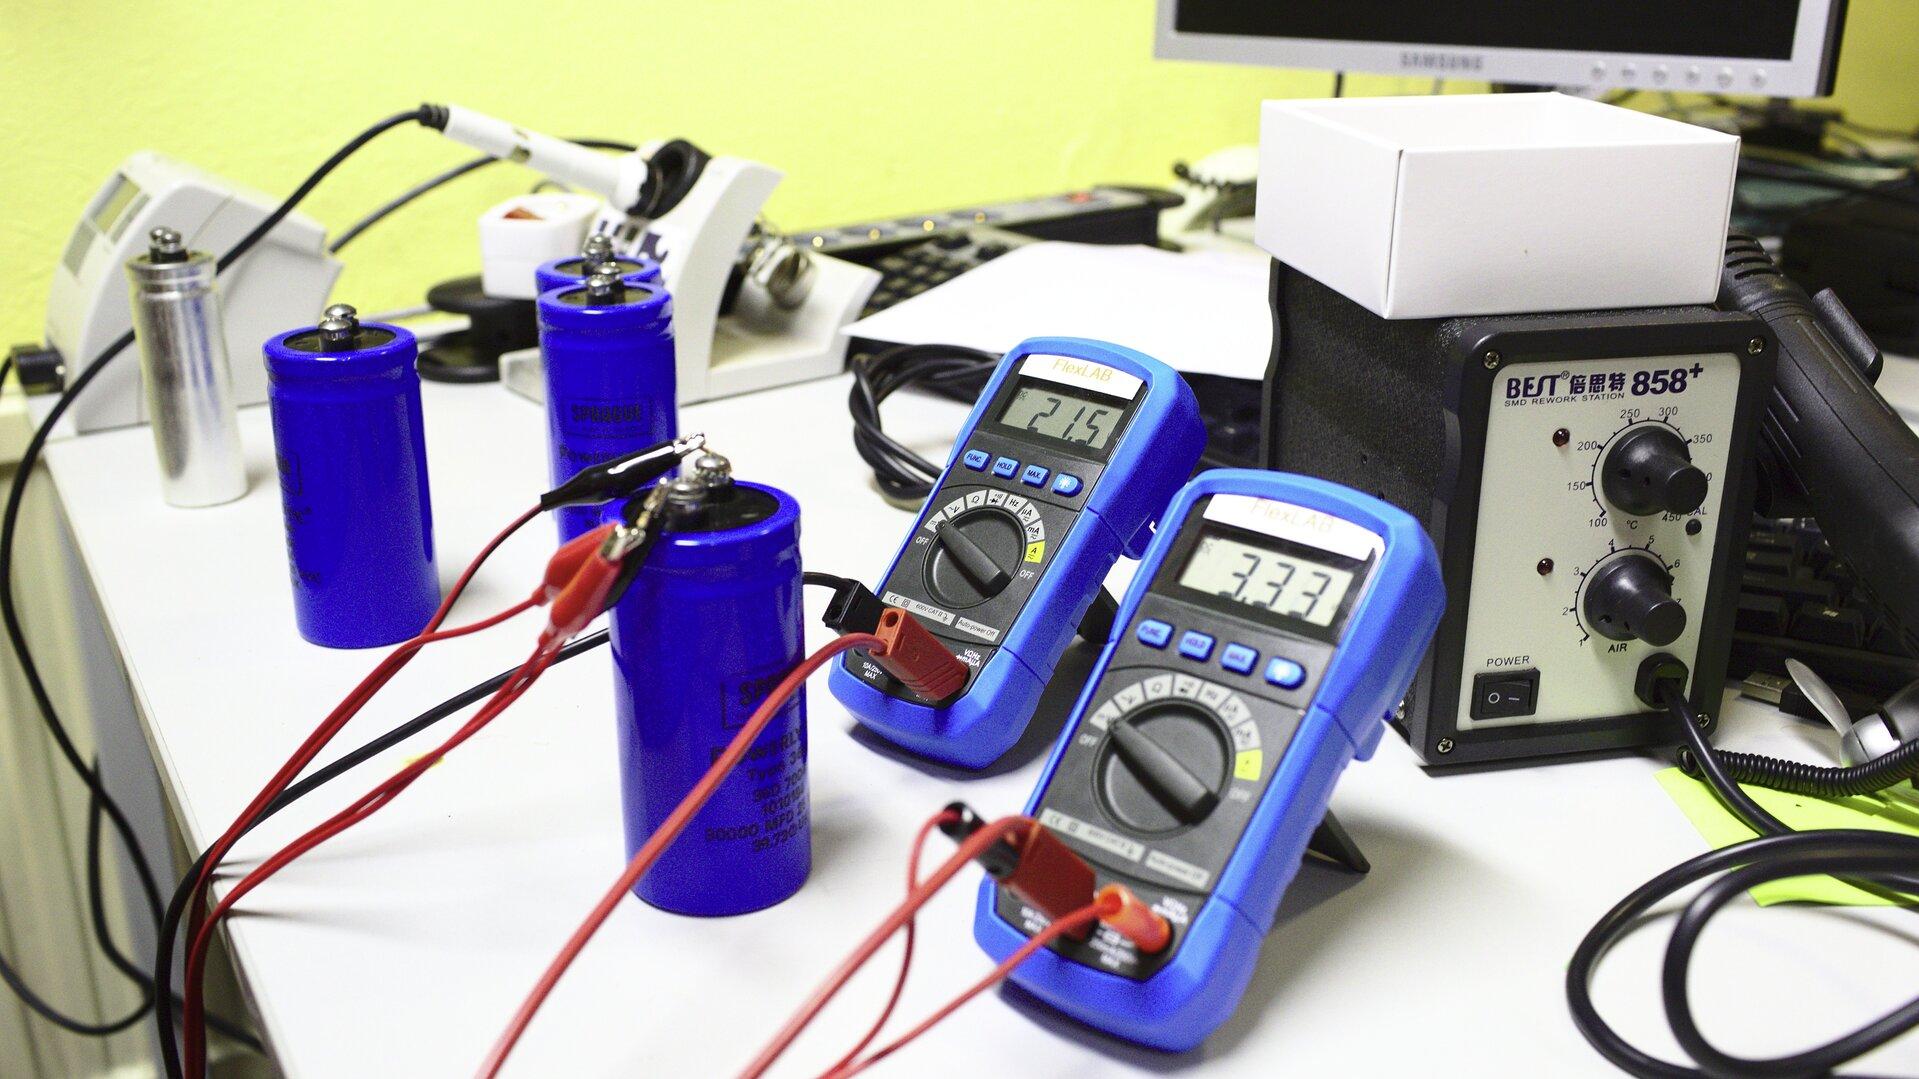 Zdjęcie przedstawia stół warsztatowy, którego użytkownik dokonuje operacji przywracania elementów elektronicznych zwanych kondensatorami, do pełnej sprawności. Kondensatory mają kształt dość dużych niebieskich cylindrów istoją obok siebie wliczbie czterech sztuk. Do jednego znich podłączone zostało źródło prądu oraz dwa multimetry mierzące napięcie przy obu zakończeniach, zwanych okładkami.